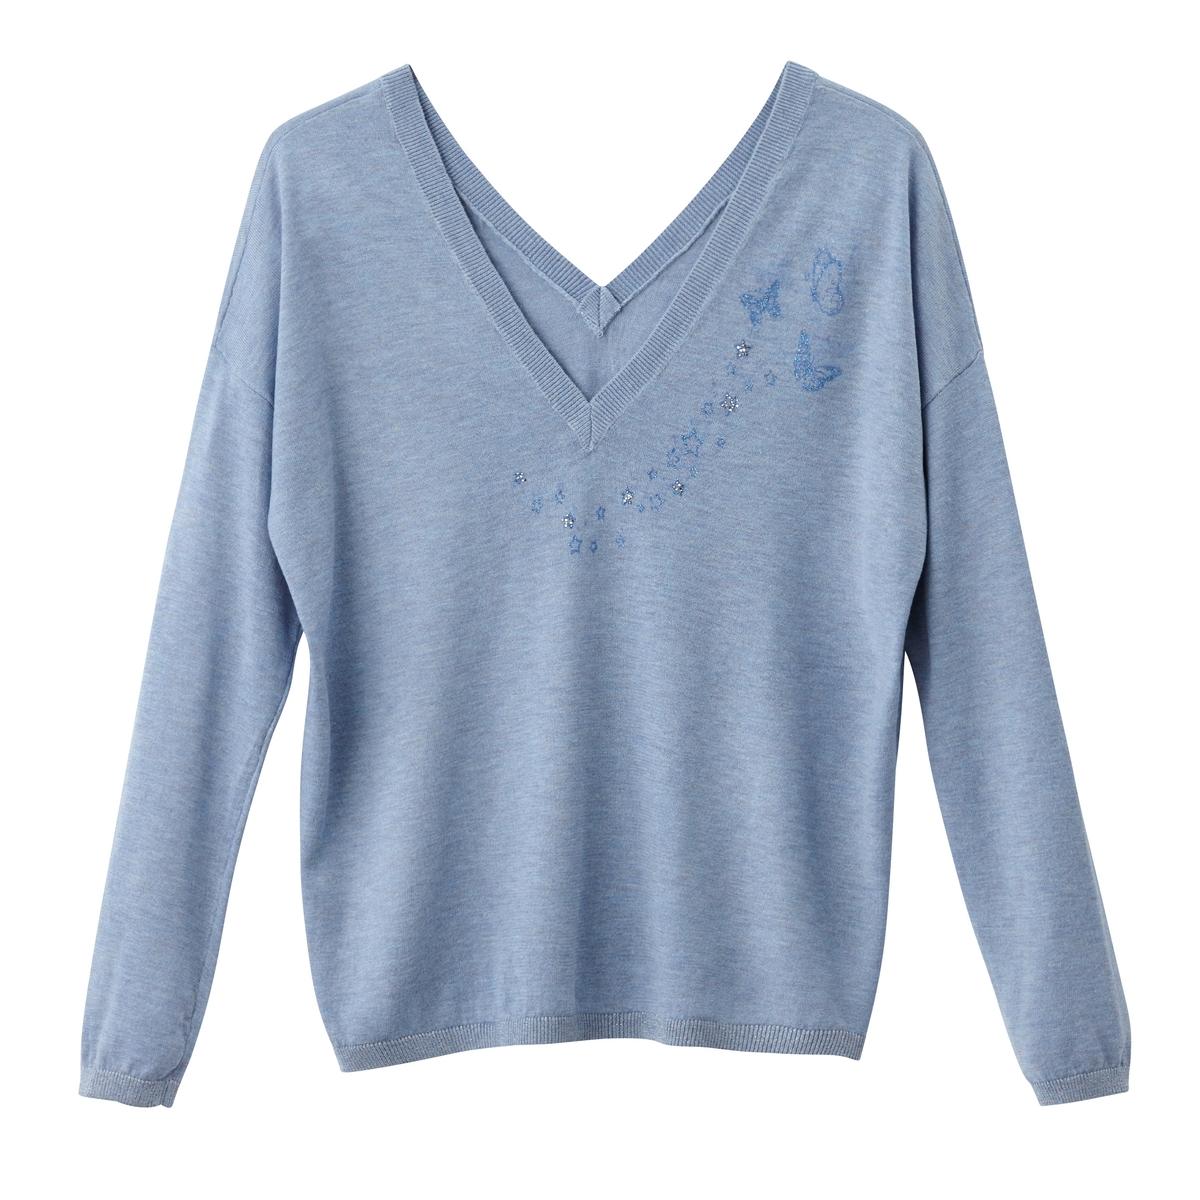 Пуловер из тонкого трикотажа с разрезом на круглом вырезеОписание:Детали •  Длинные рукава •  Круглый вырез с разрезом •  Тонкий трикотаж Состав и уход •  15% шерсти, 22% ацетата, 28% полиамида, 35% полиэстера •  Следуйте советам по уходу, указанным на этикетке<br><br>Цвет: синий<br>Размер: 2(M)